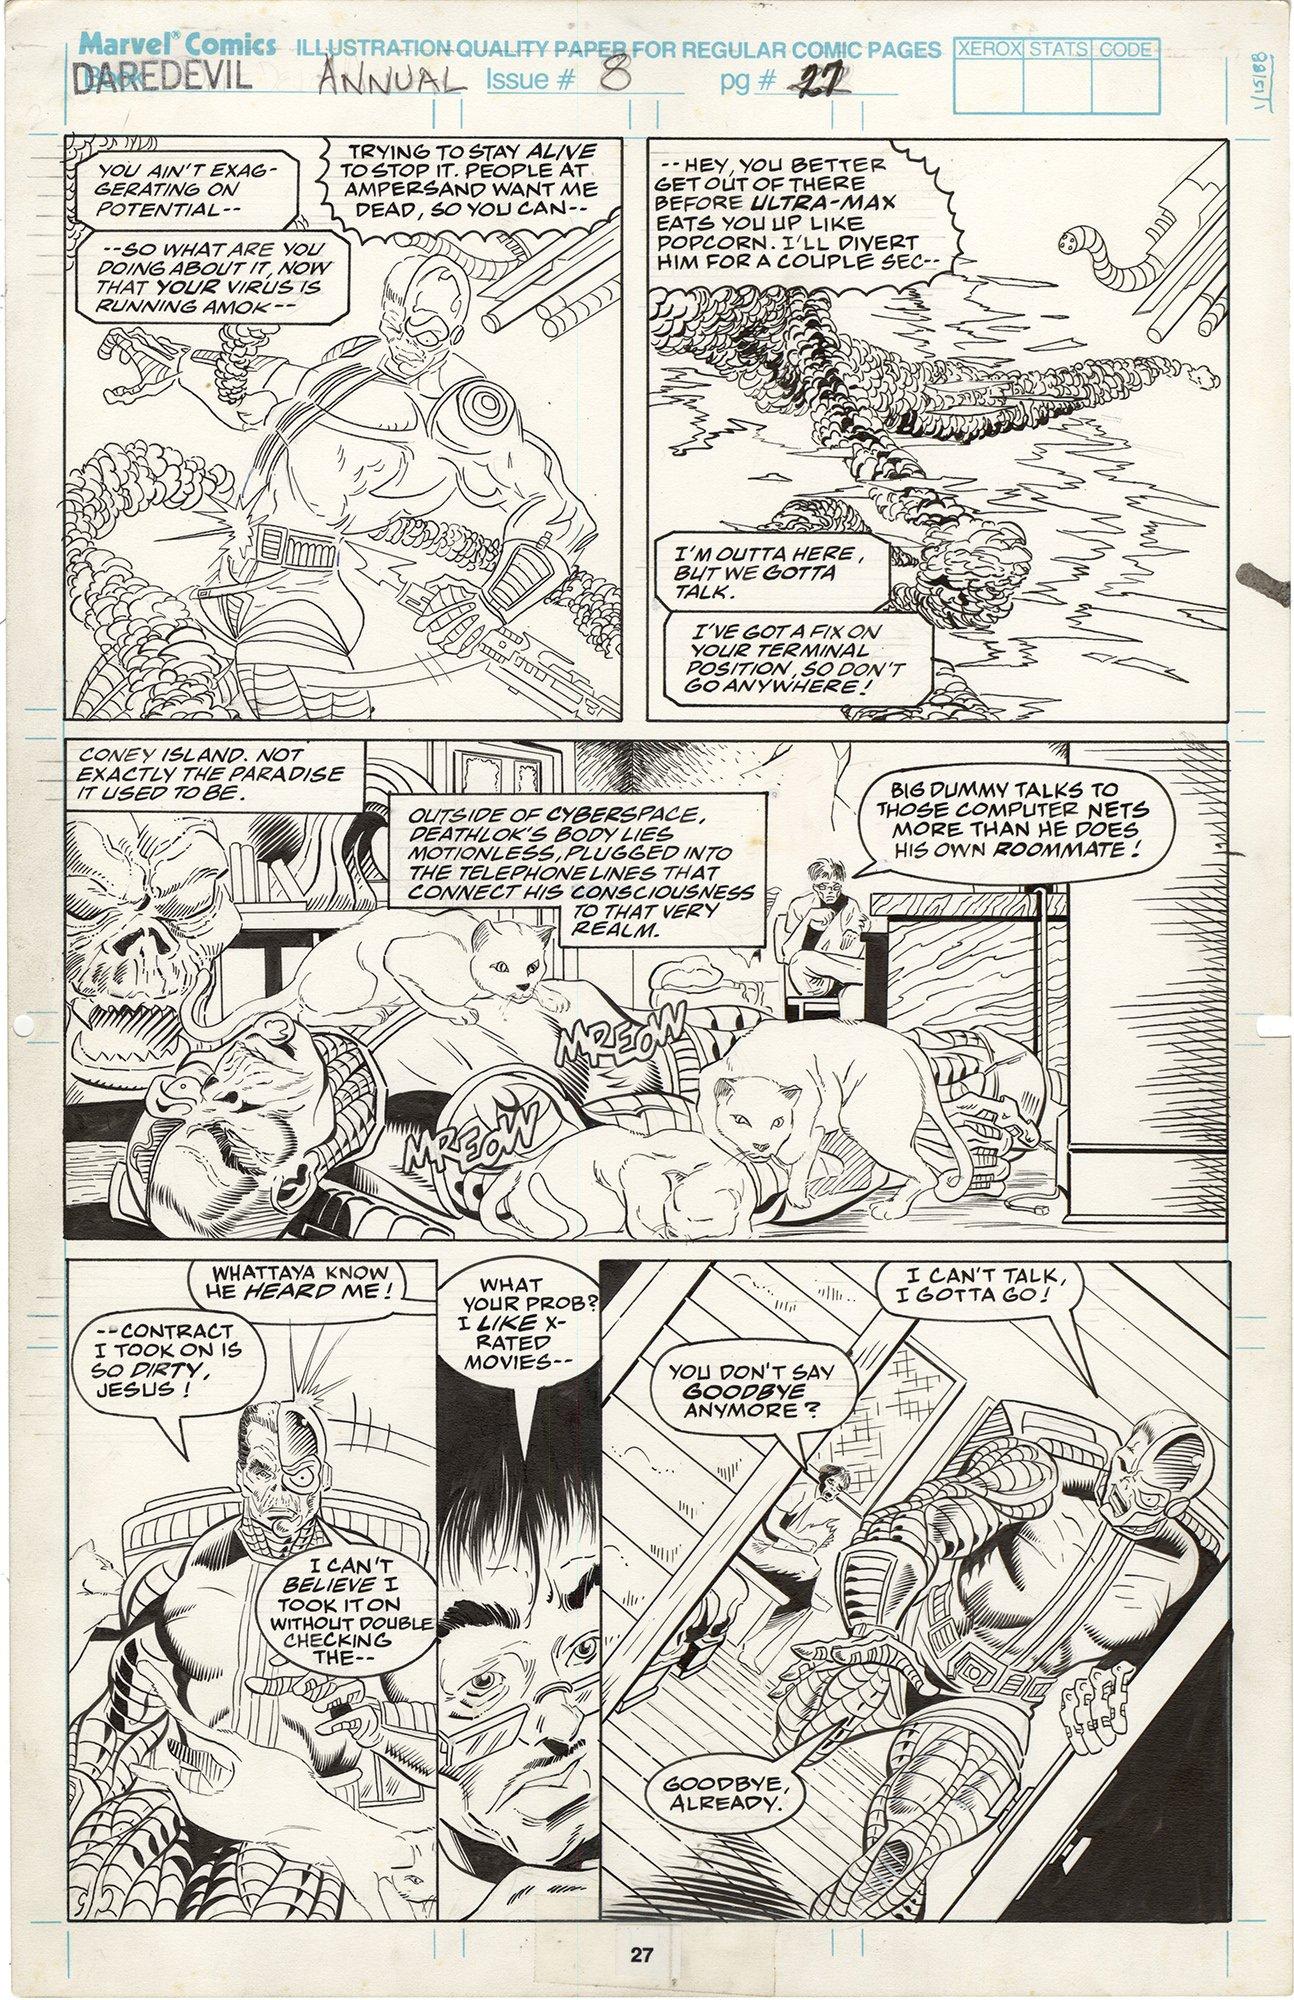 Daredevil Annual #8 p27